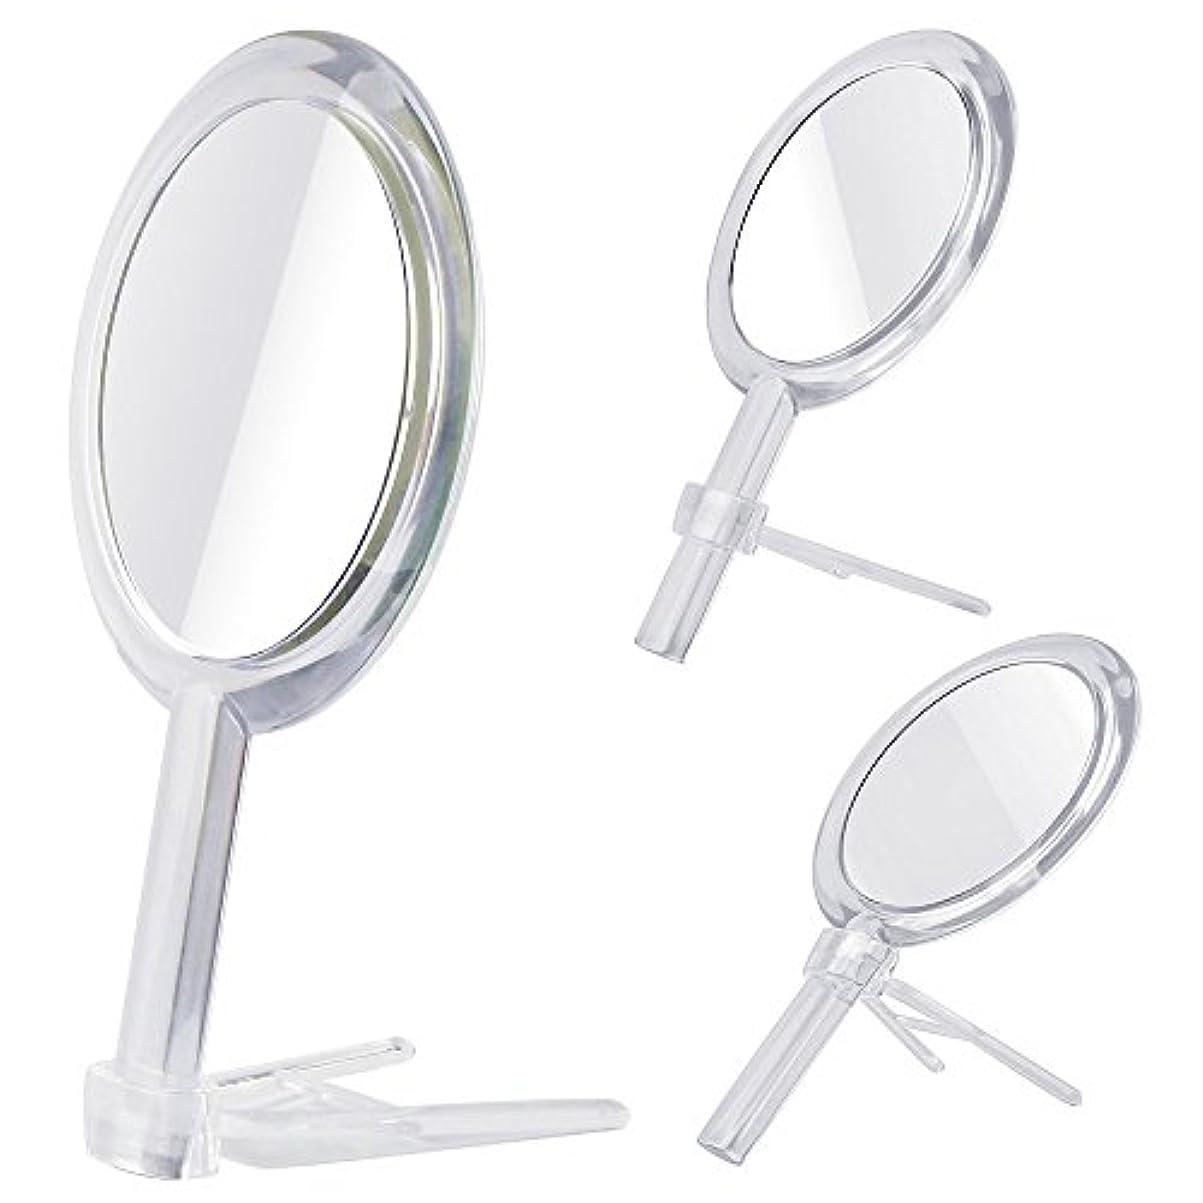 修羅場取り囲む持つGotofine 両面鏡 手鏡 卓上鏡 7倍と等倍 ハンドミラー スタンドミラー 化粧鏡 メイク クリア 円形